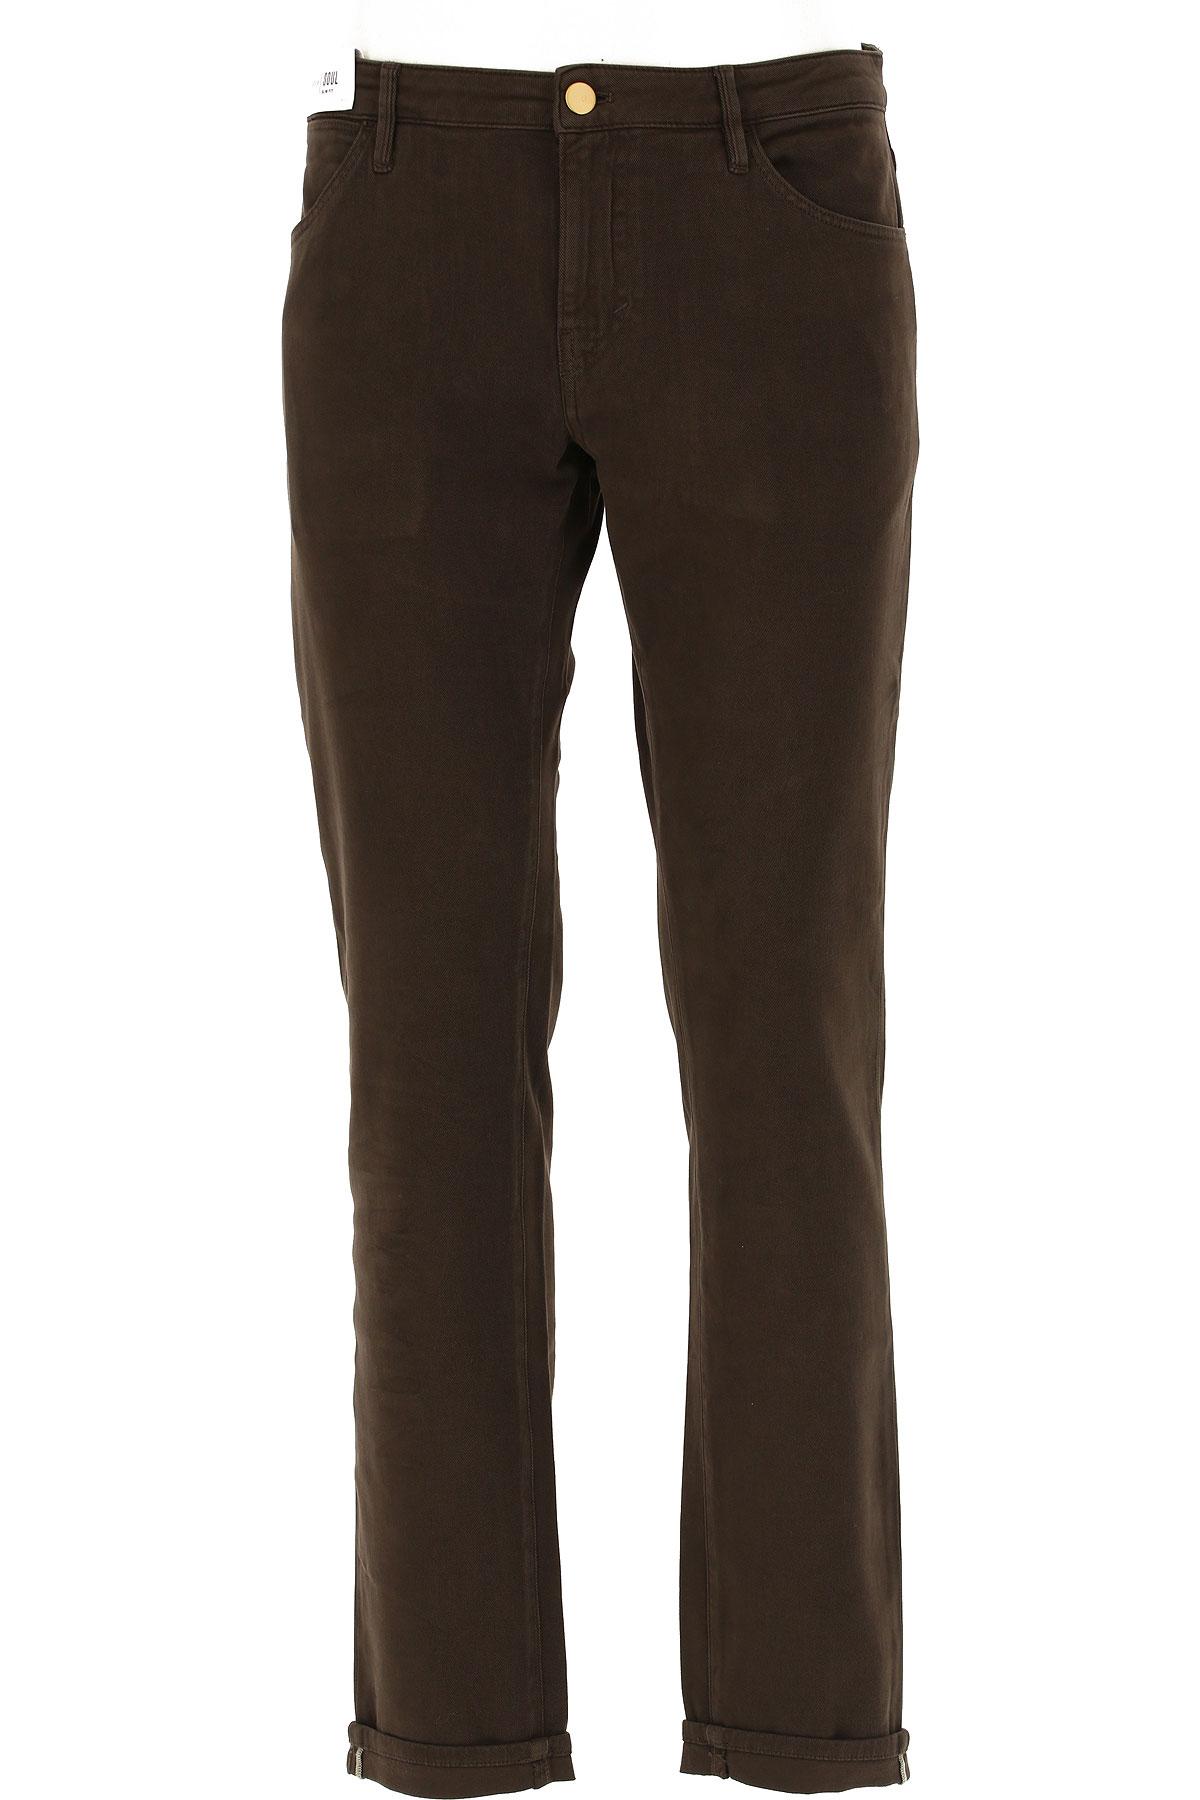 PT05 Pantalon Homme, Marron, Coton, 2019, 48 49 50 52 54